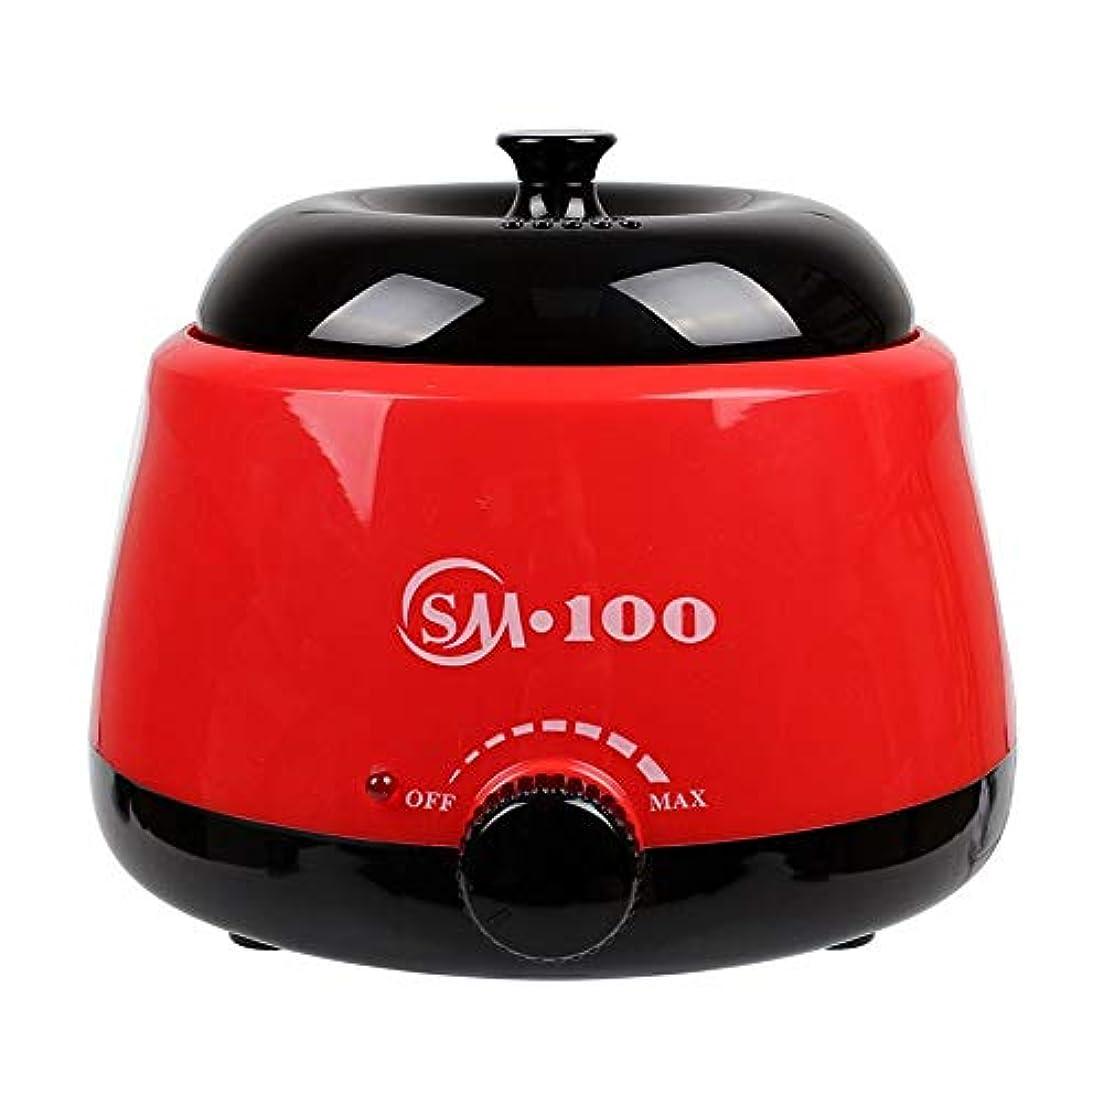 修正するウェイター君主調節可能な温度のワックスマシン、女性および男性500CCのための多機能の家のワックスが付いている毛の取り外しのための専門の電気ワックスのウォーマーのヒーターのメルター